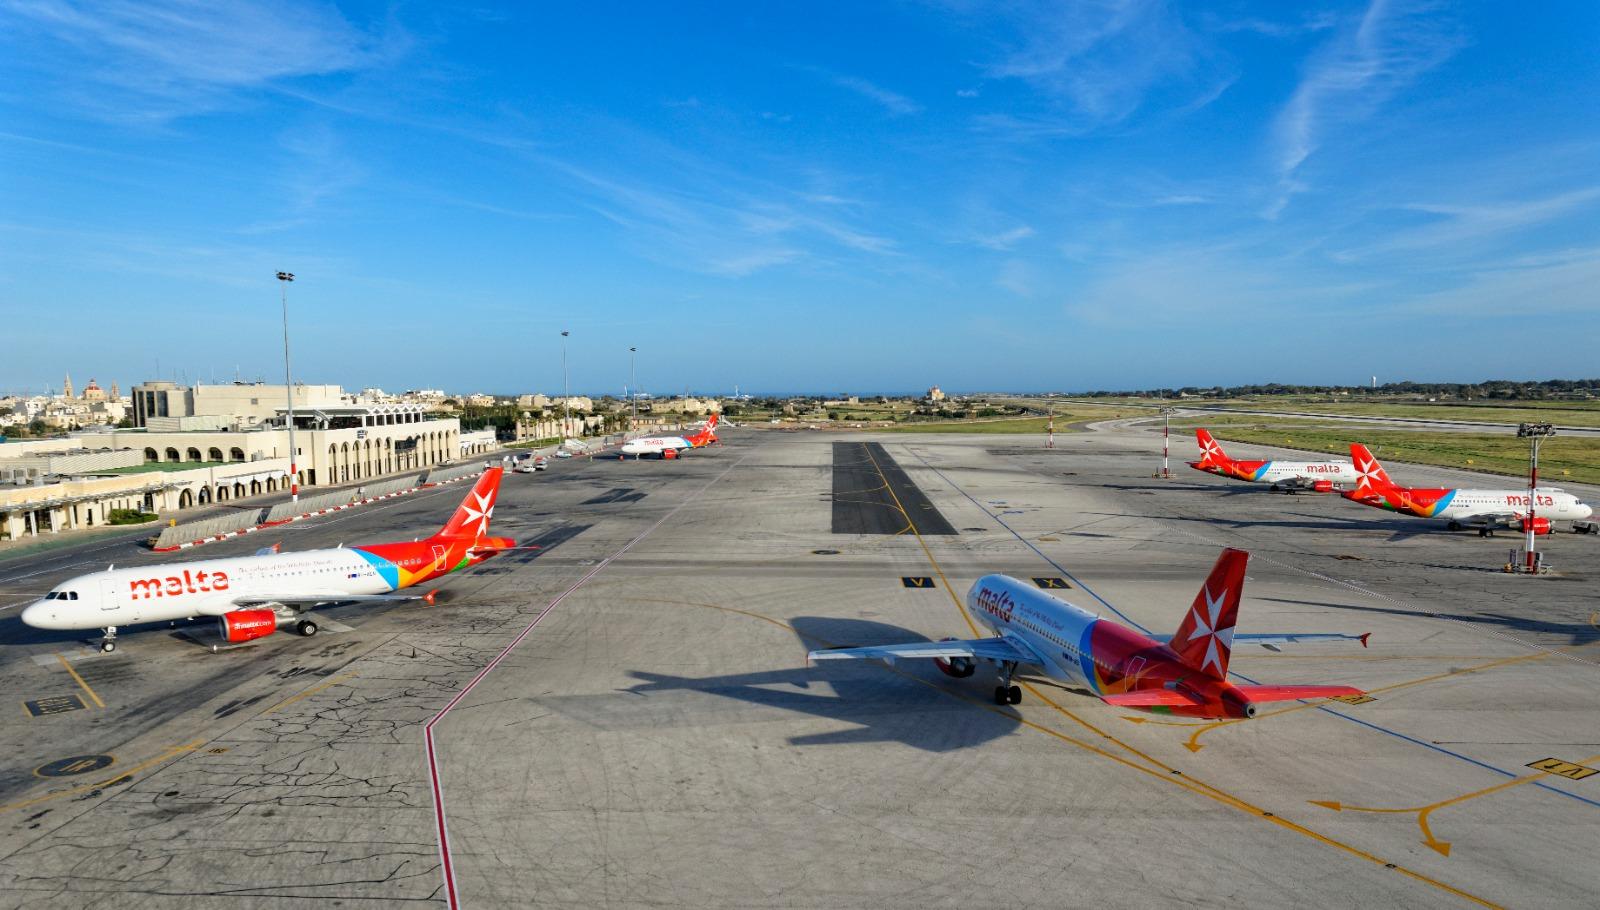 Air Malta PR